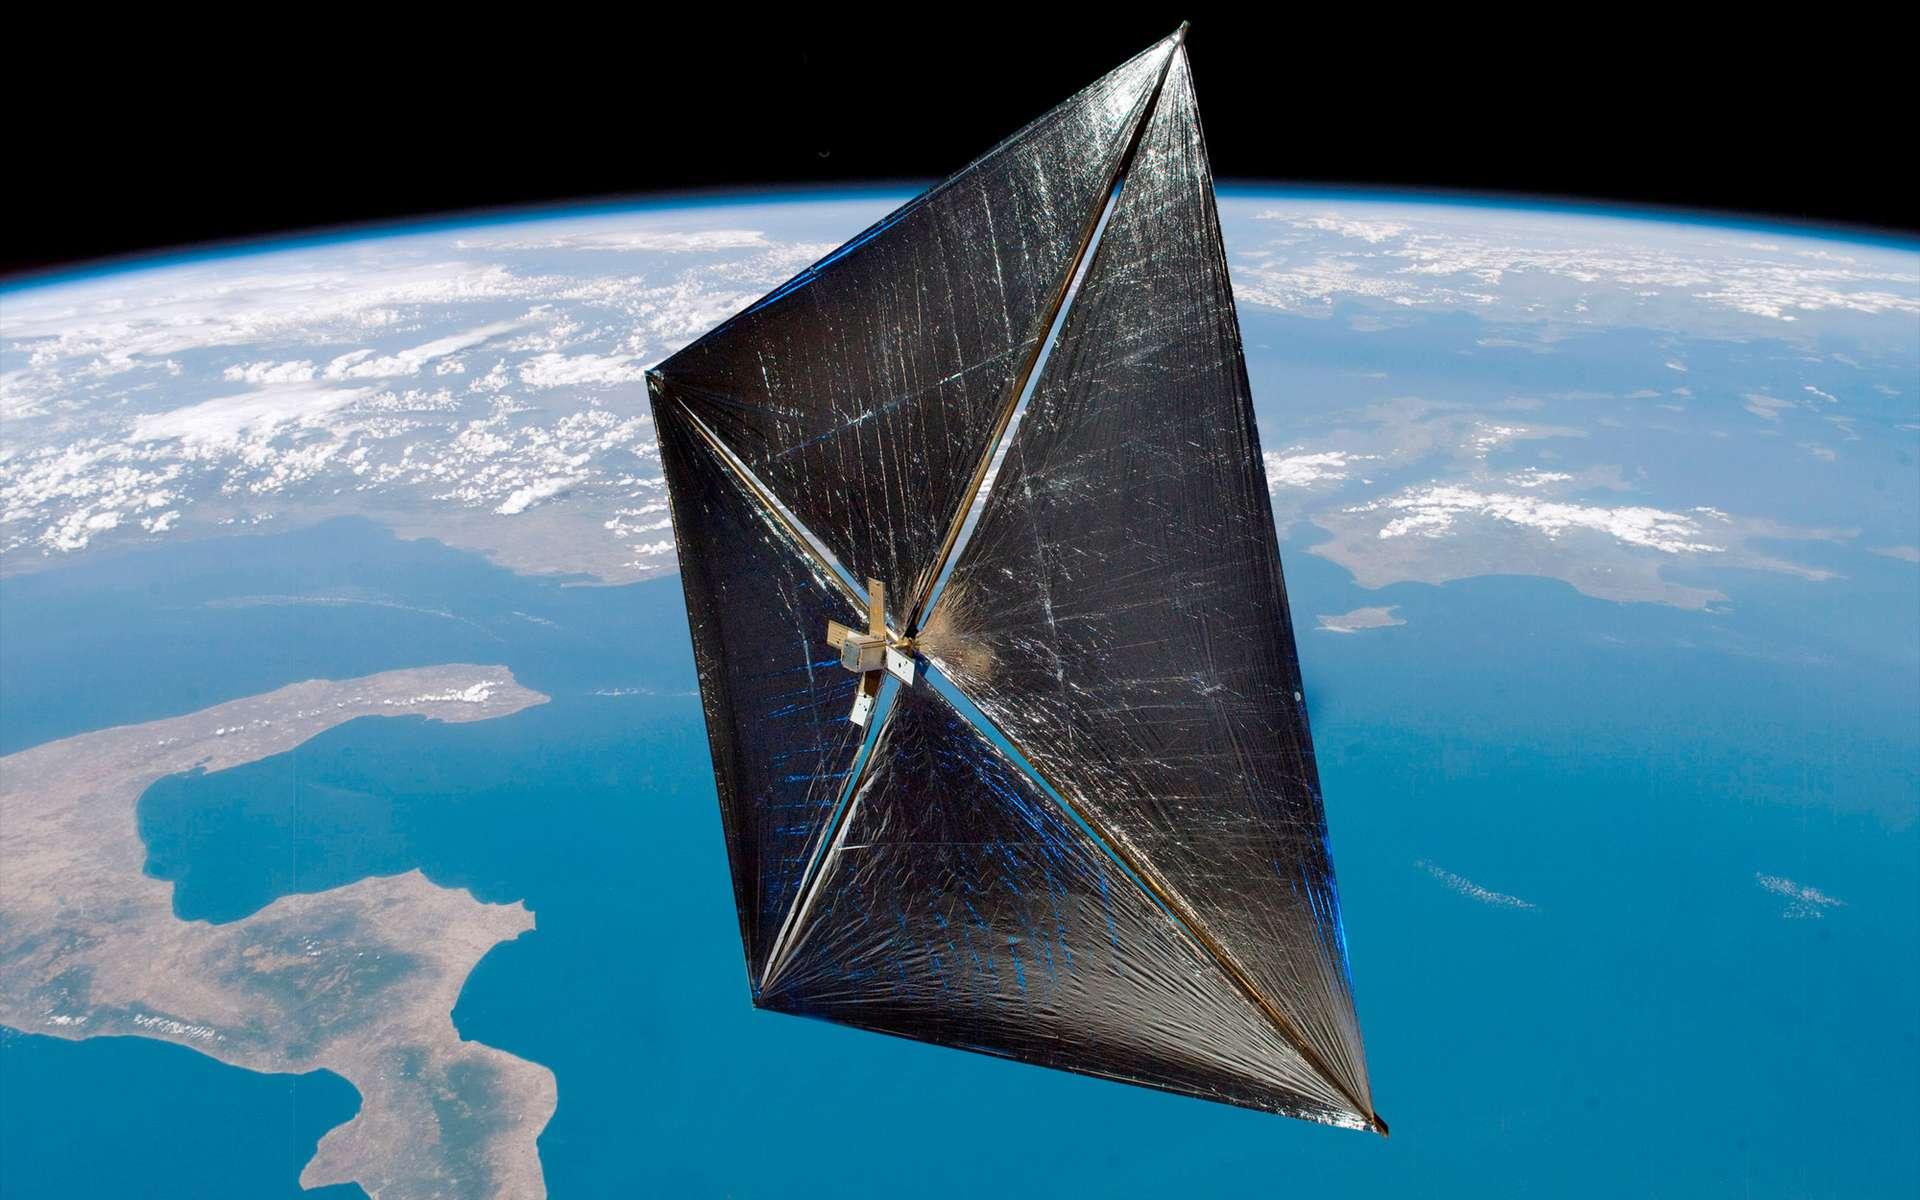 Conçue au centre spatial Marshall de la Nasa, cette voile solaire de 10 mètres carrés a été lancée par une fusée Minotaur 4. © Nasa